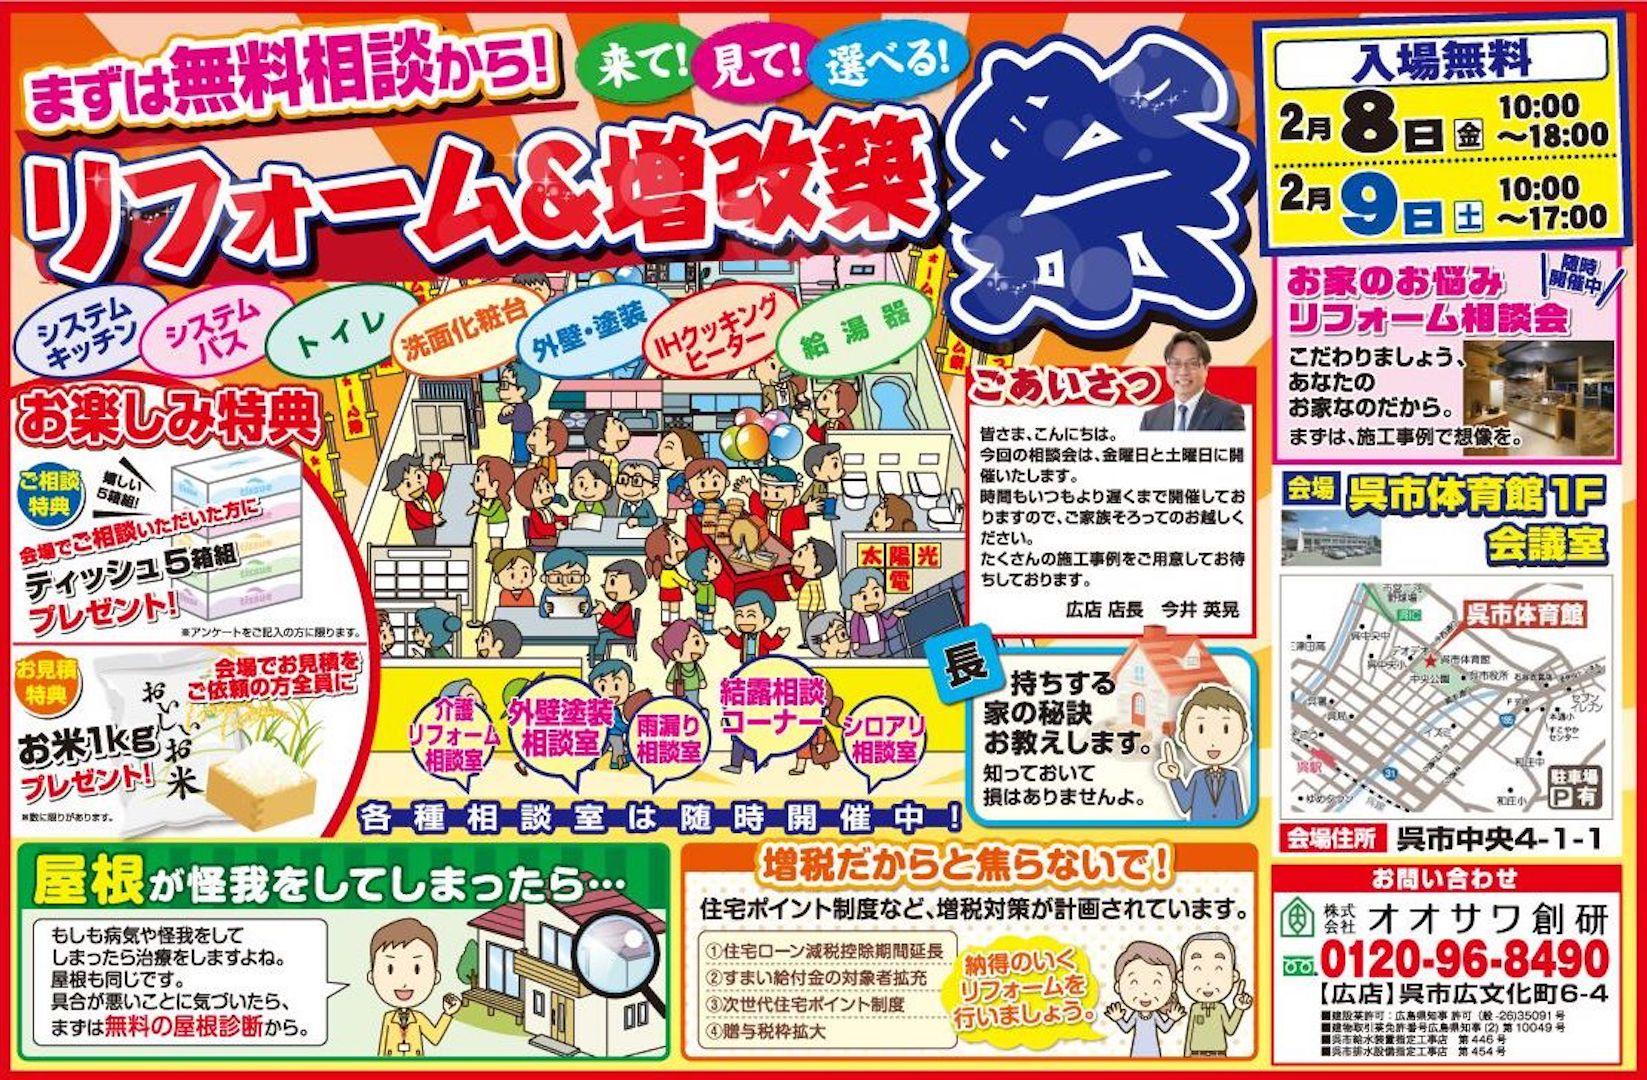 2月8日(金)・9日(土)は、リフォーム&増改築祭を開催! お仕事帰りにもお立ち寄りください♪